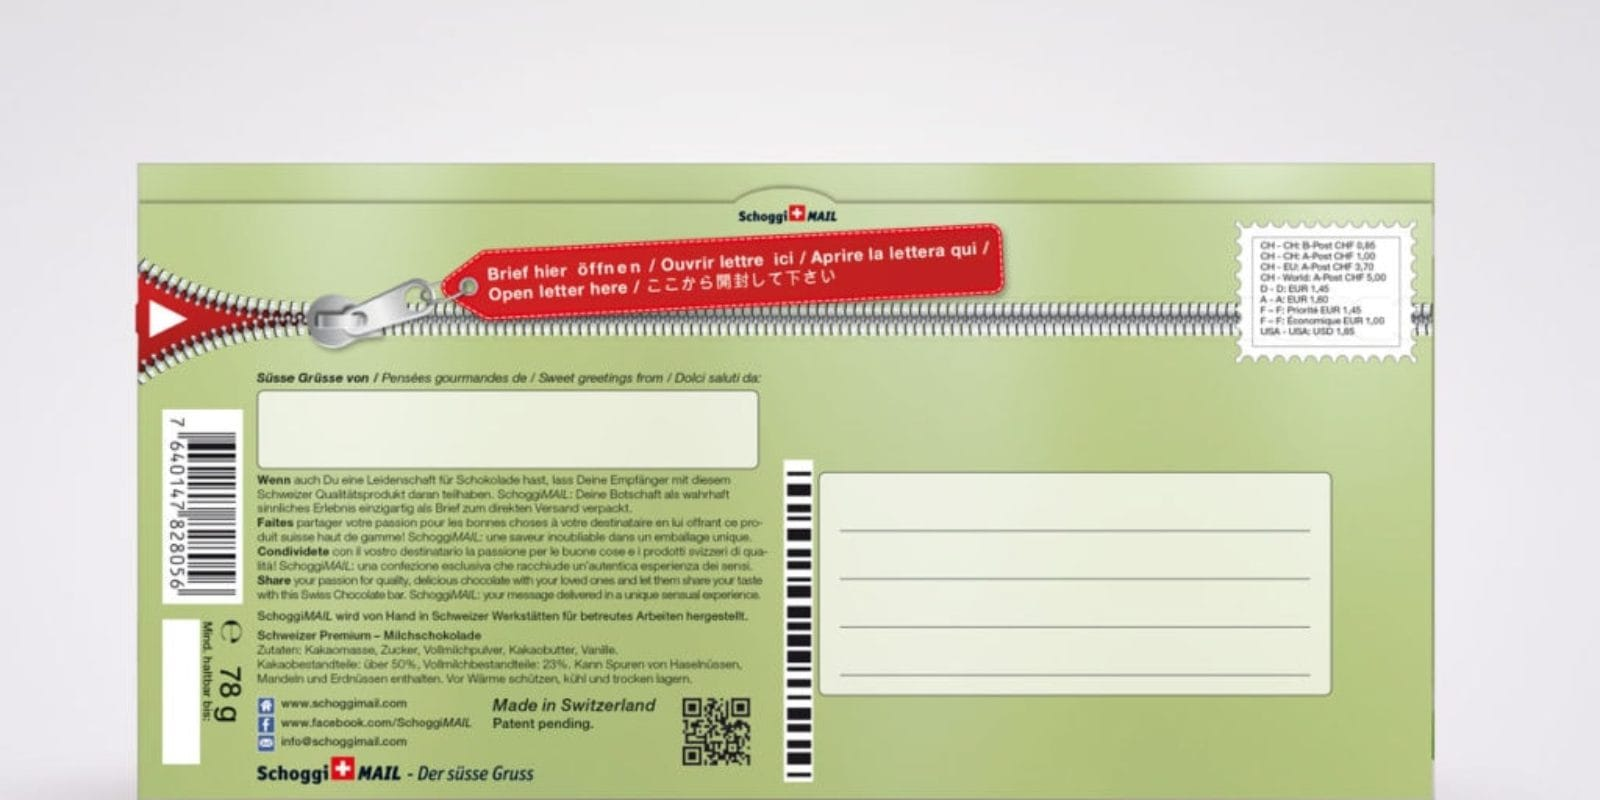 1137805-Fruehling-Kueken-back